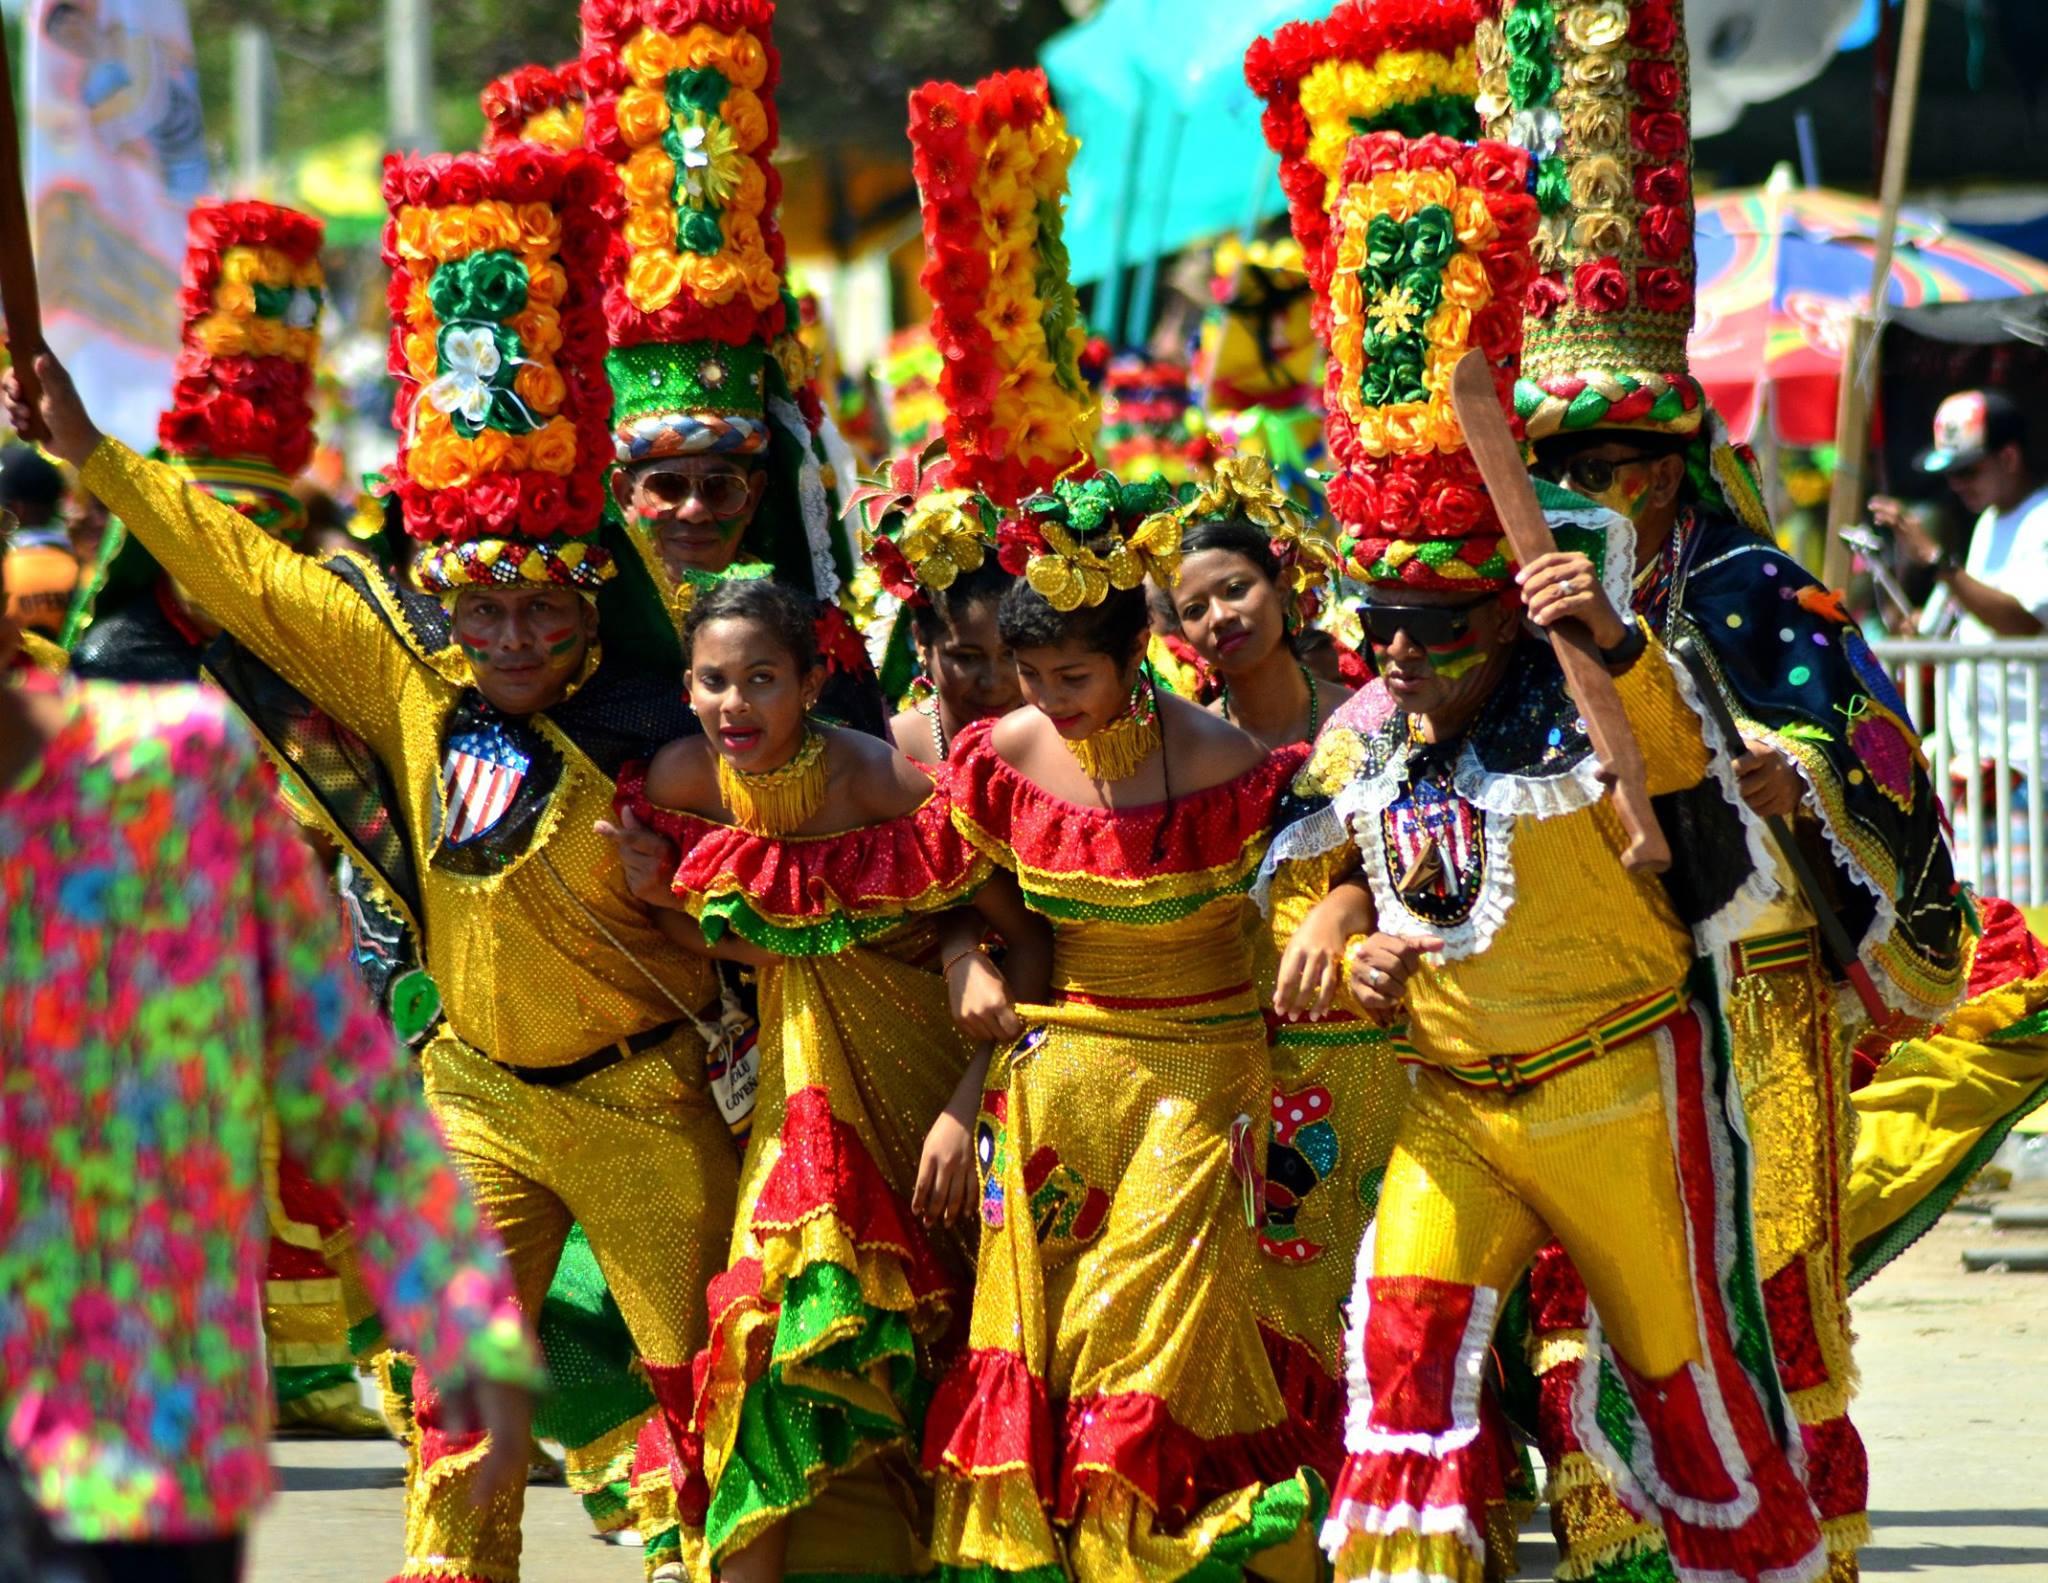 Gran Parada de Tradición y Folclor, más tradicional que nunca